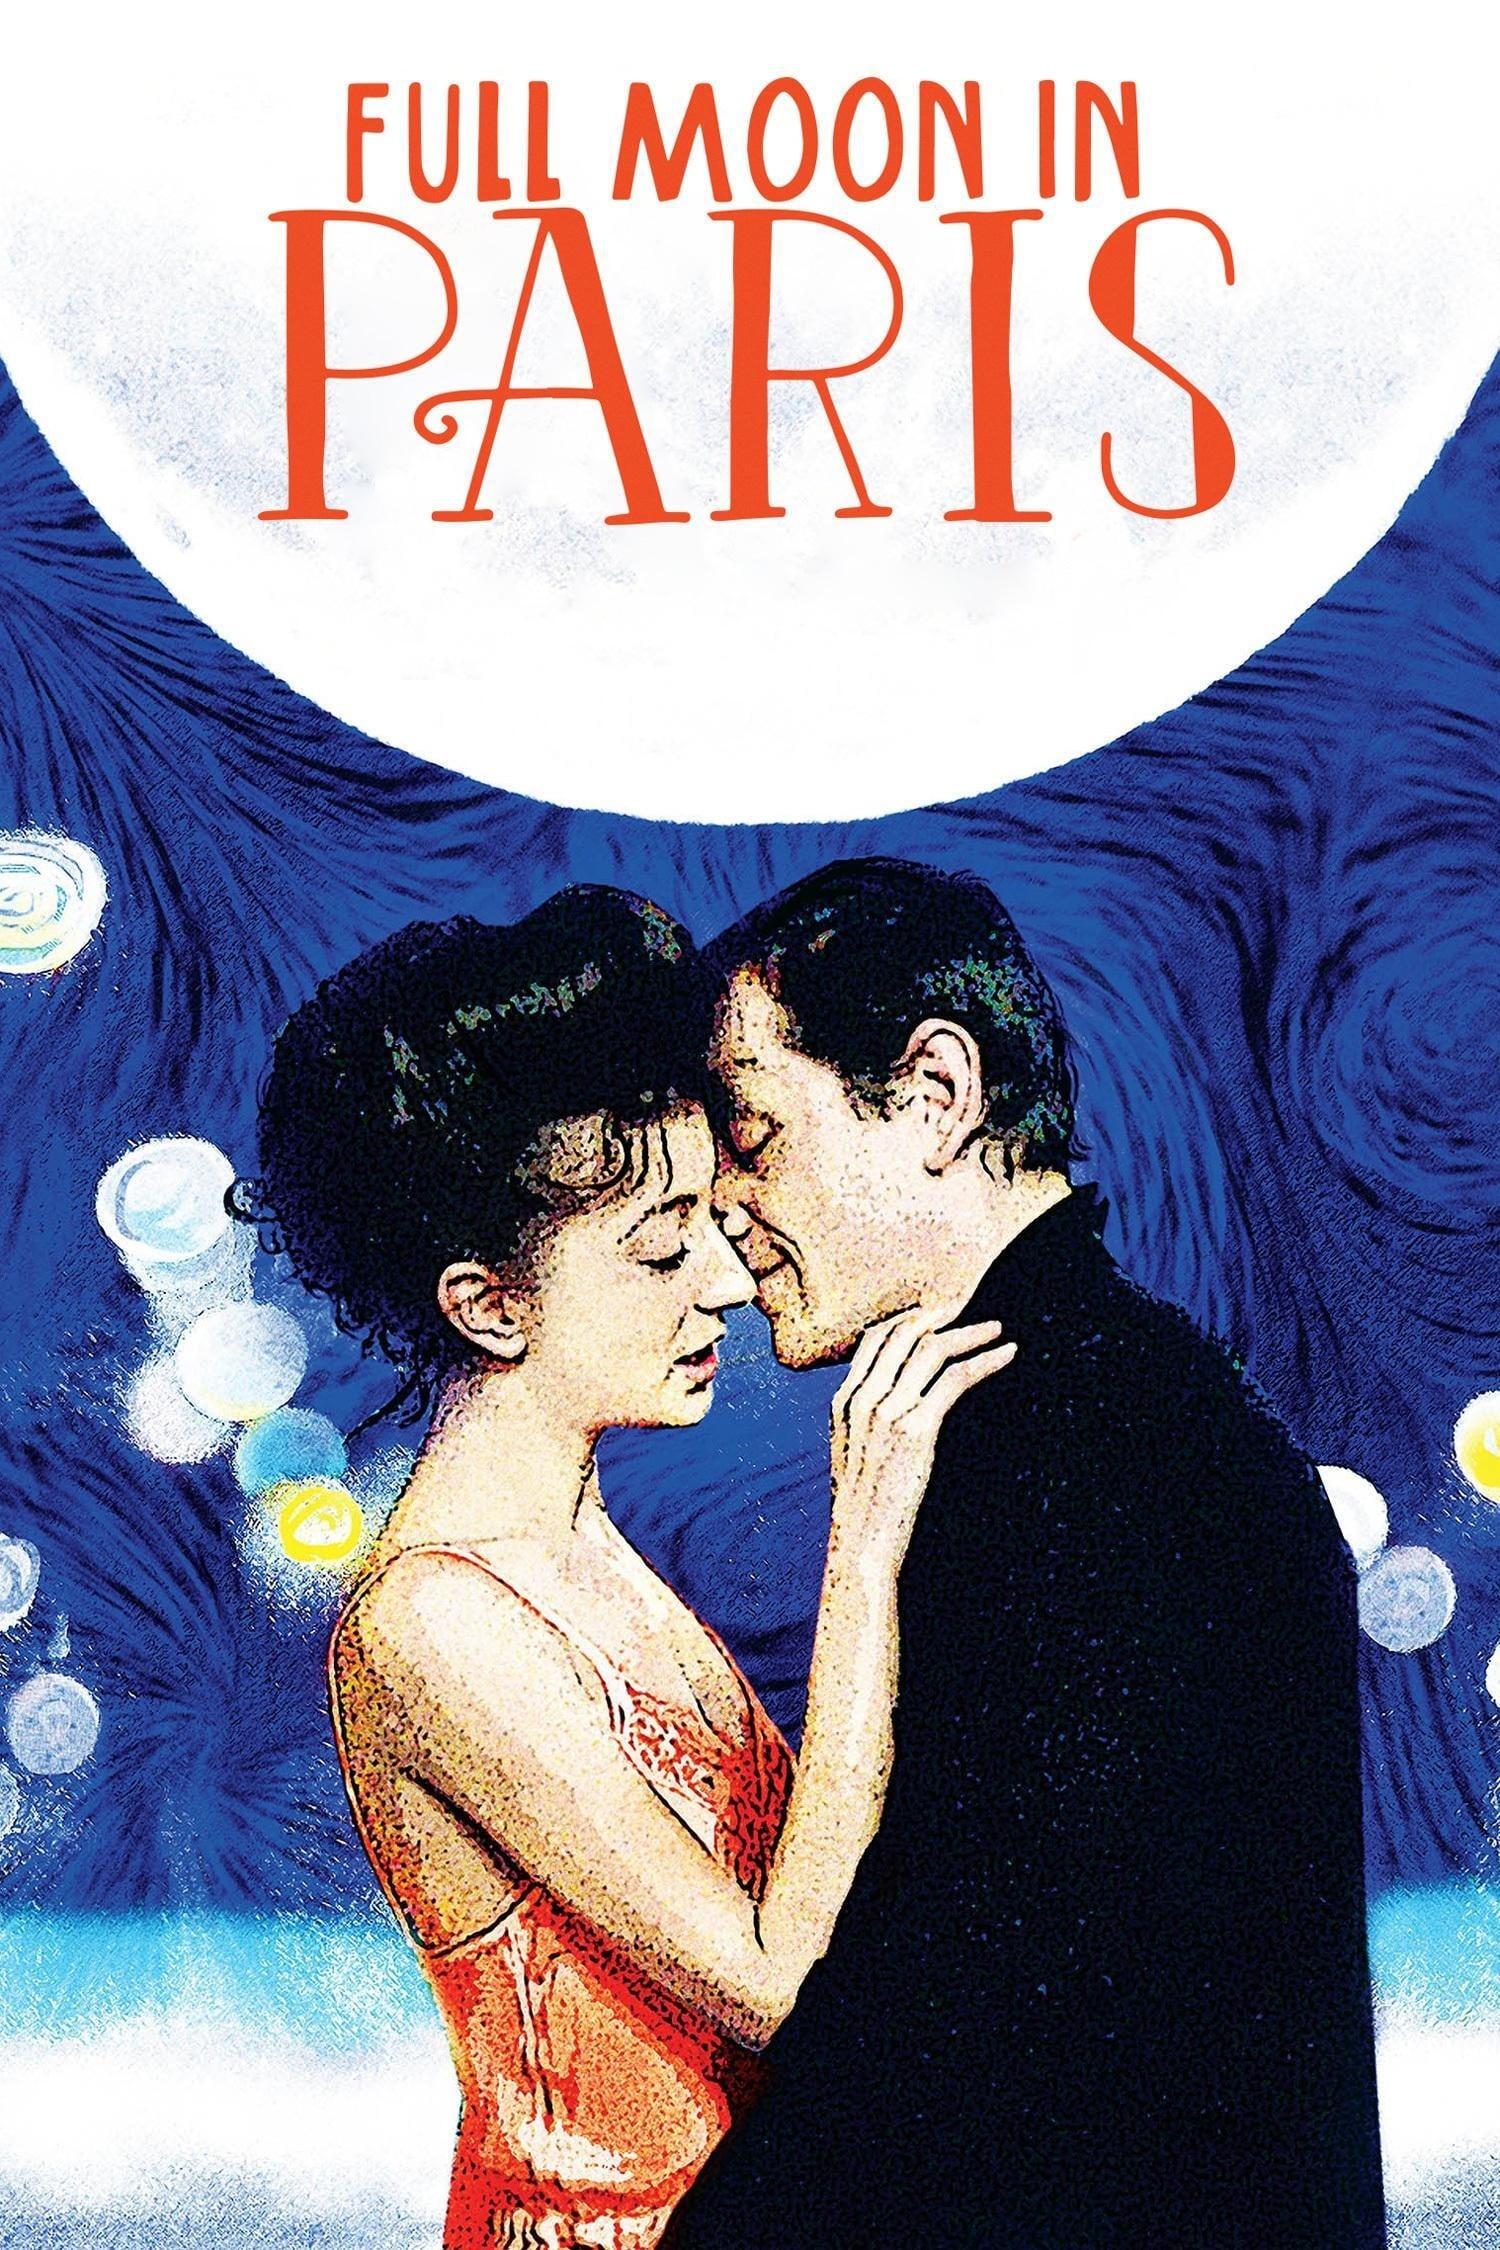 Las noches de la luna llena